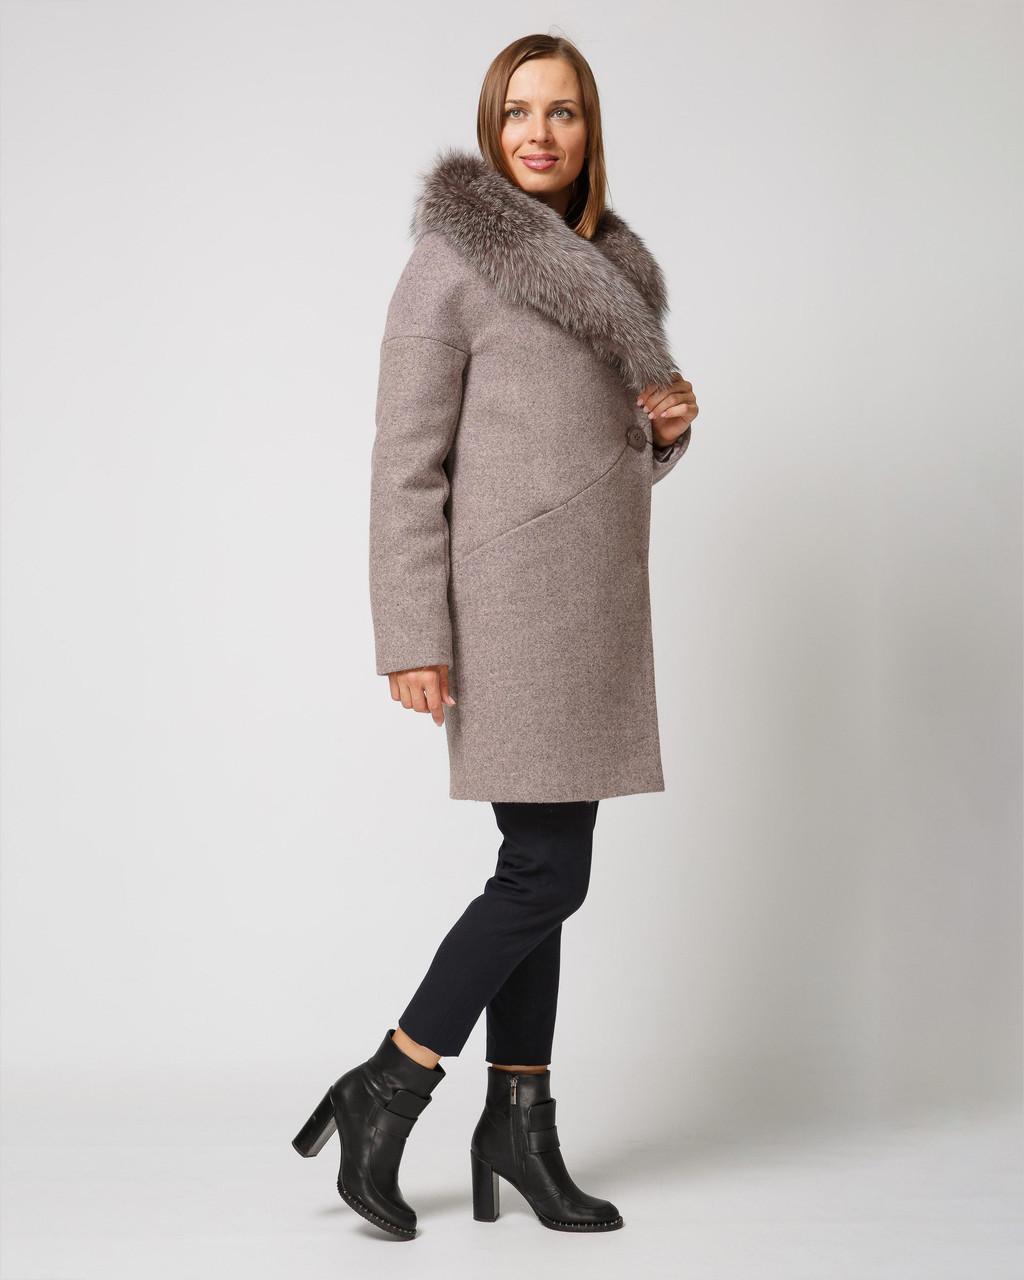 Зимнее теплое пальто со спущенными рукавами - Интернет-магазин